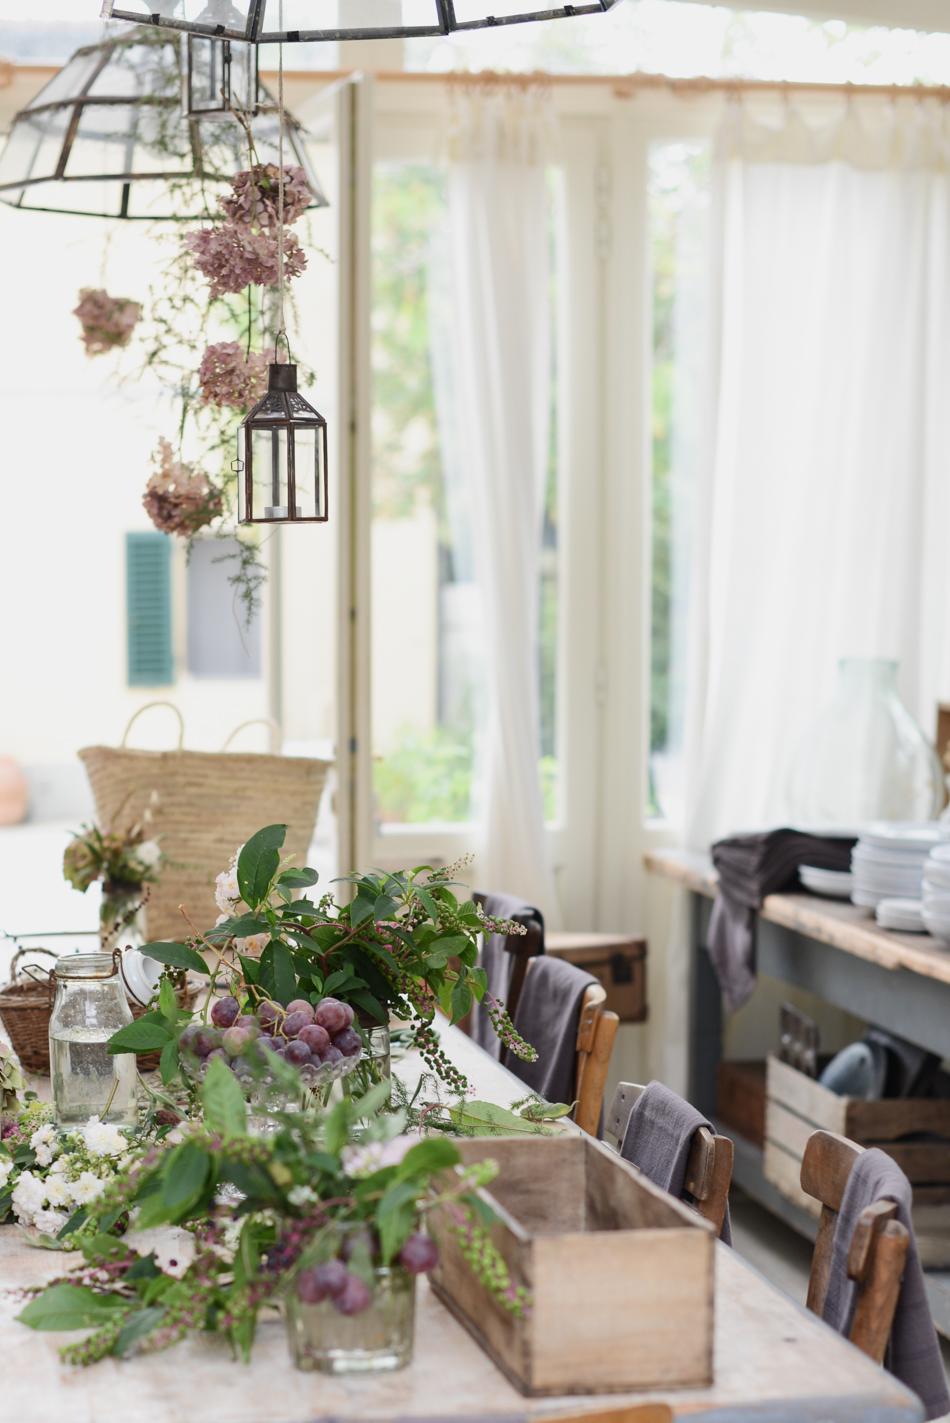 Un trucco che mi ha insegnato la fotografia:indossare un abito abbinato alla vostra tavola è sicuramente un piccolo tocco che aiuta a rendere ancor più armoniosa l'atmosfera.